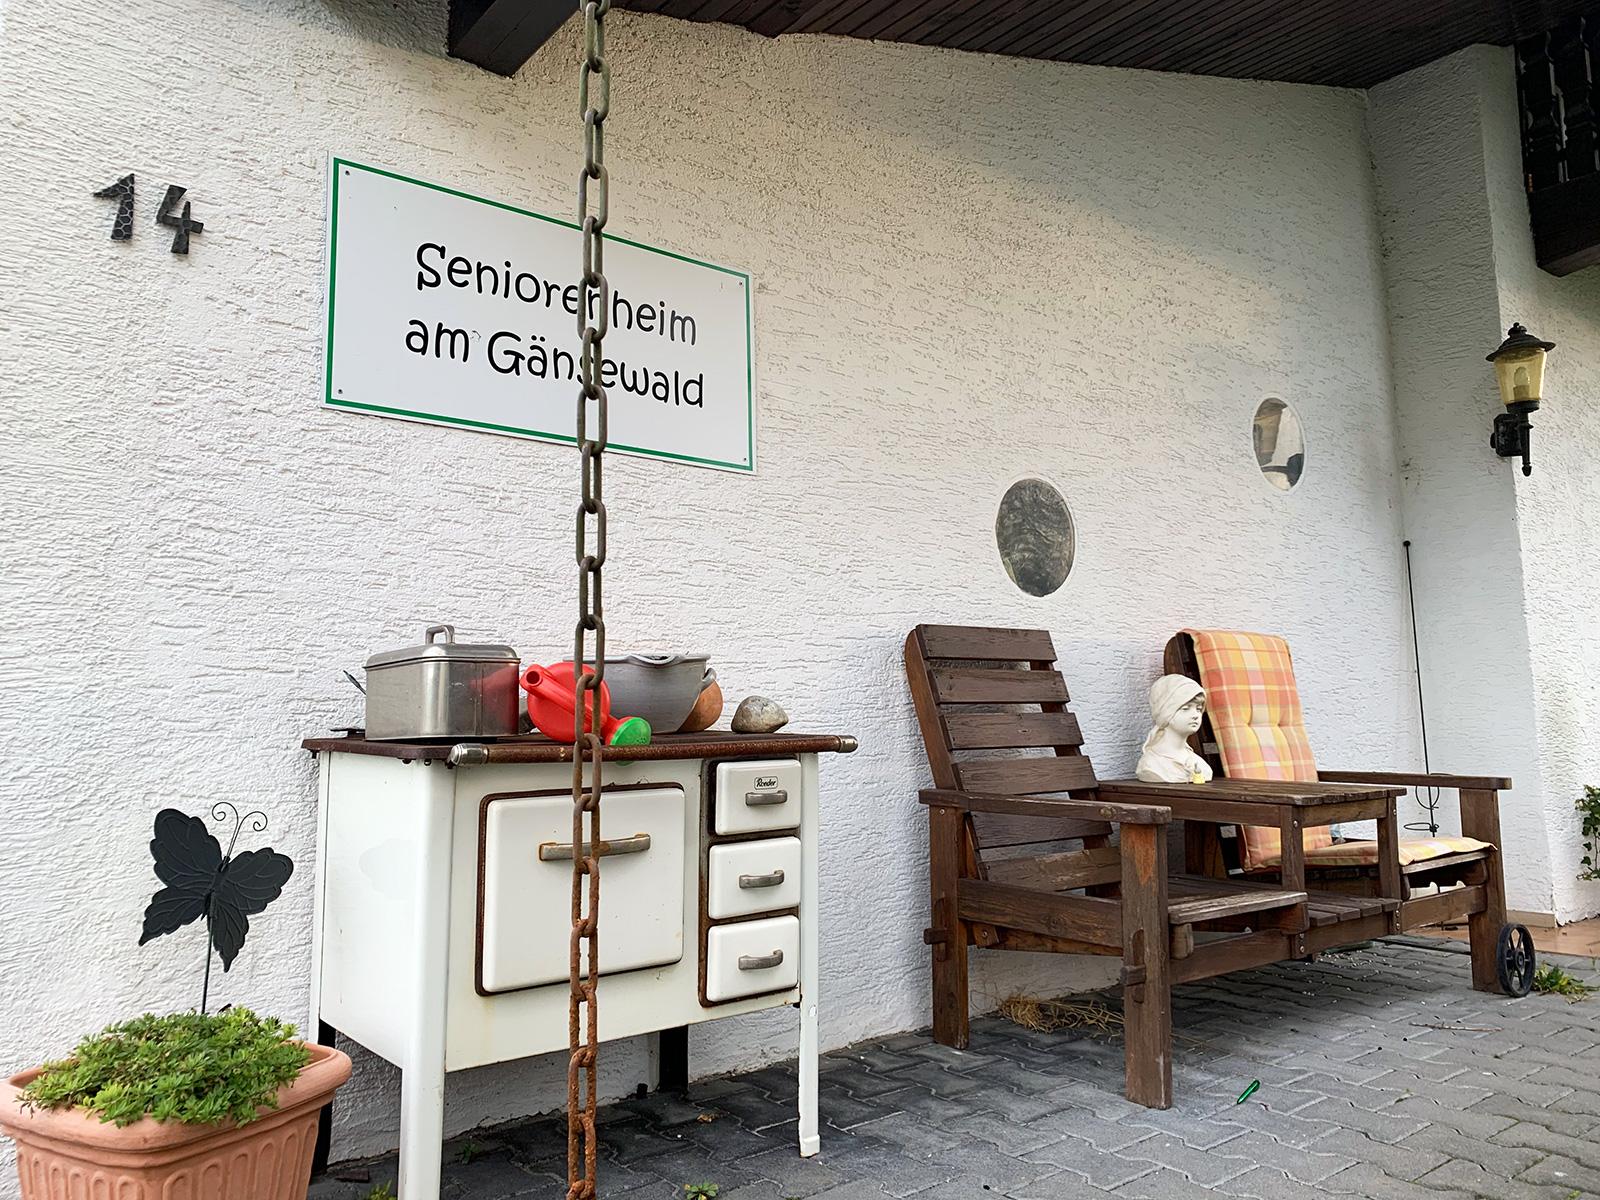 Eingang | Seniorenheim am Gänsewald